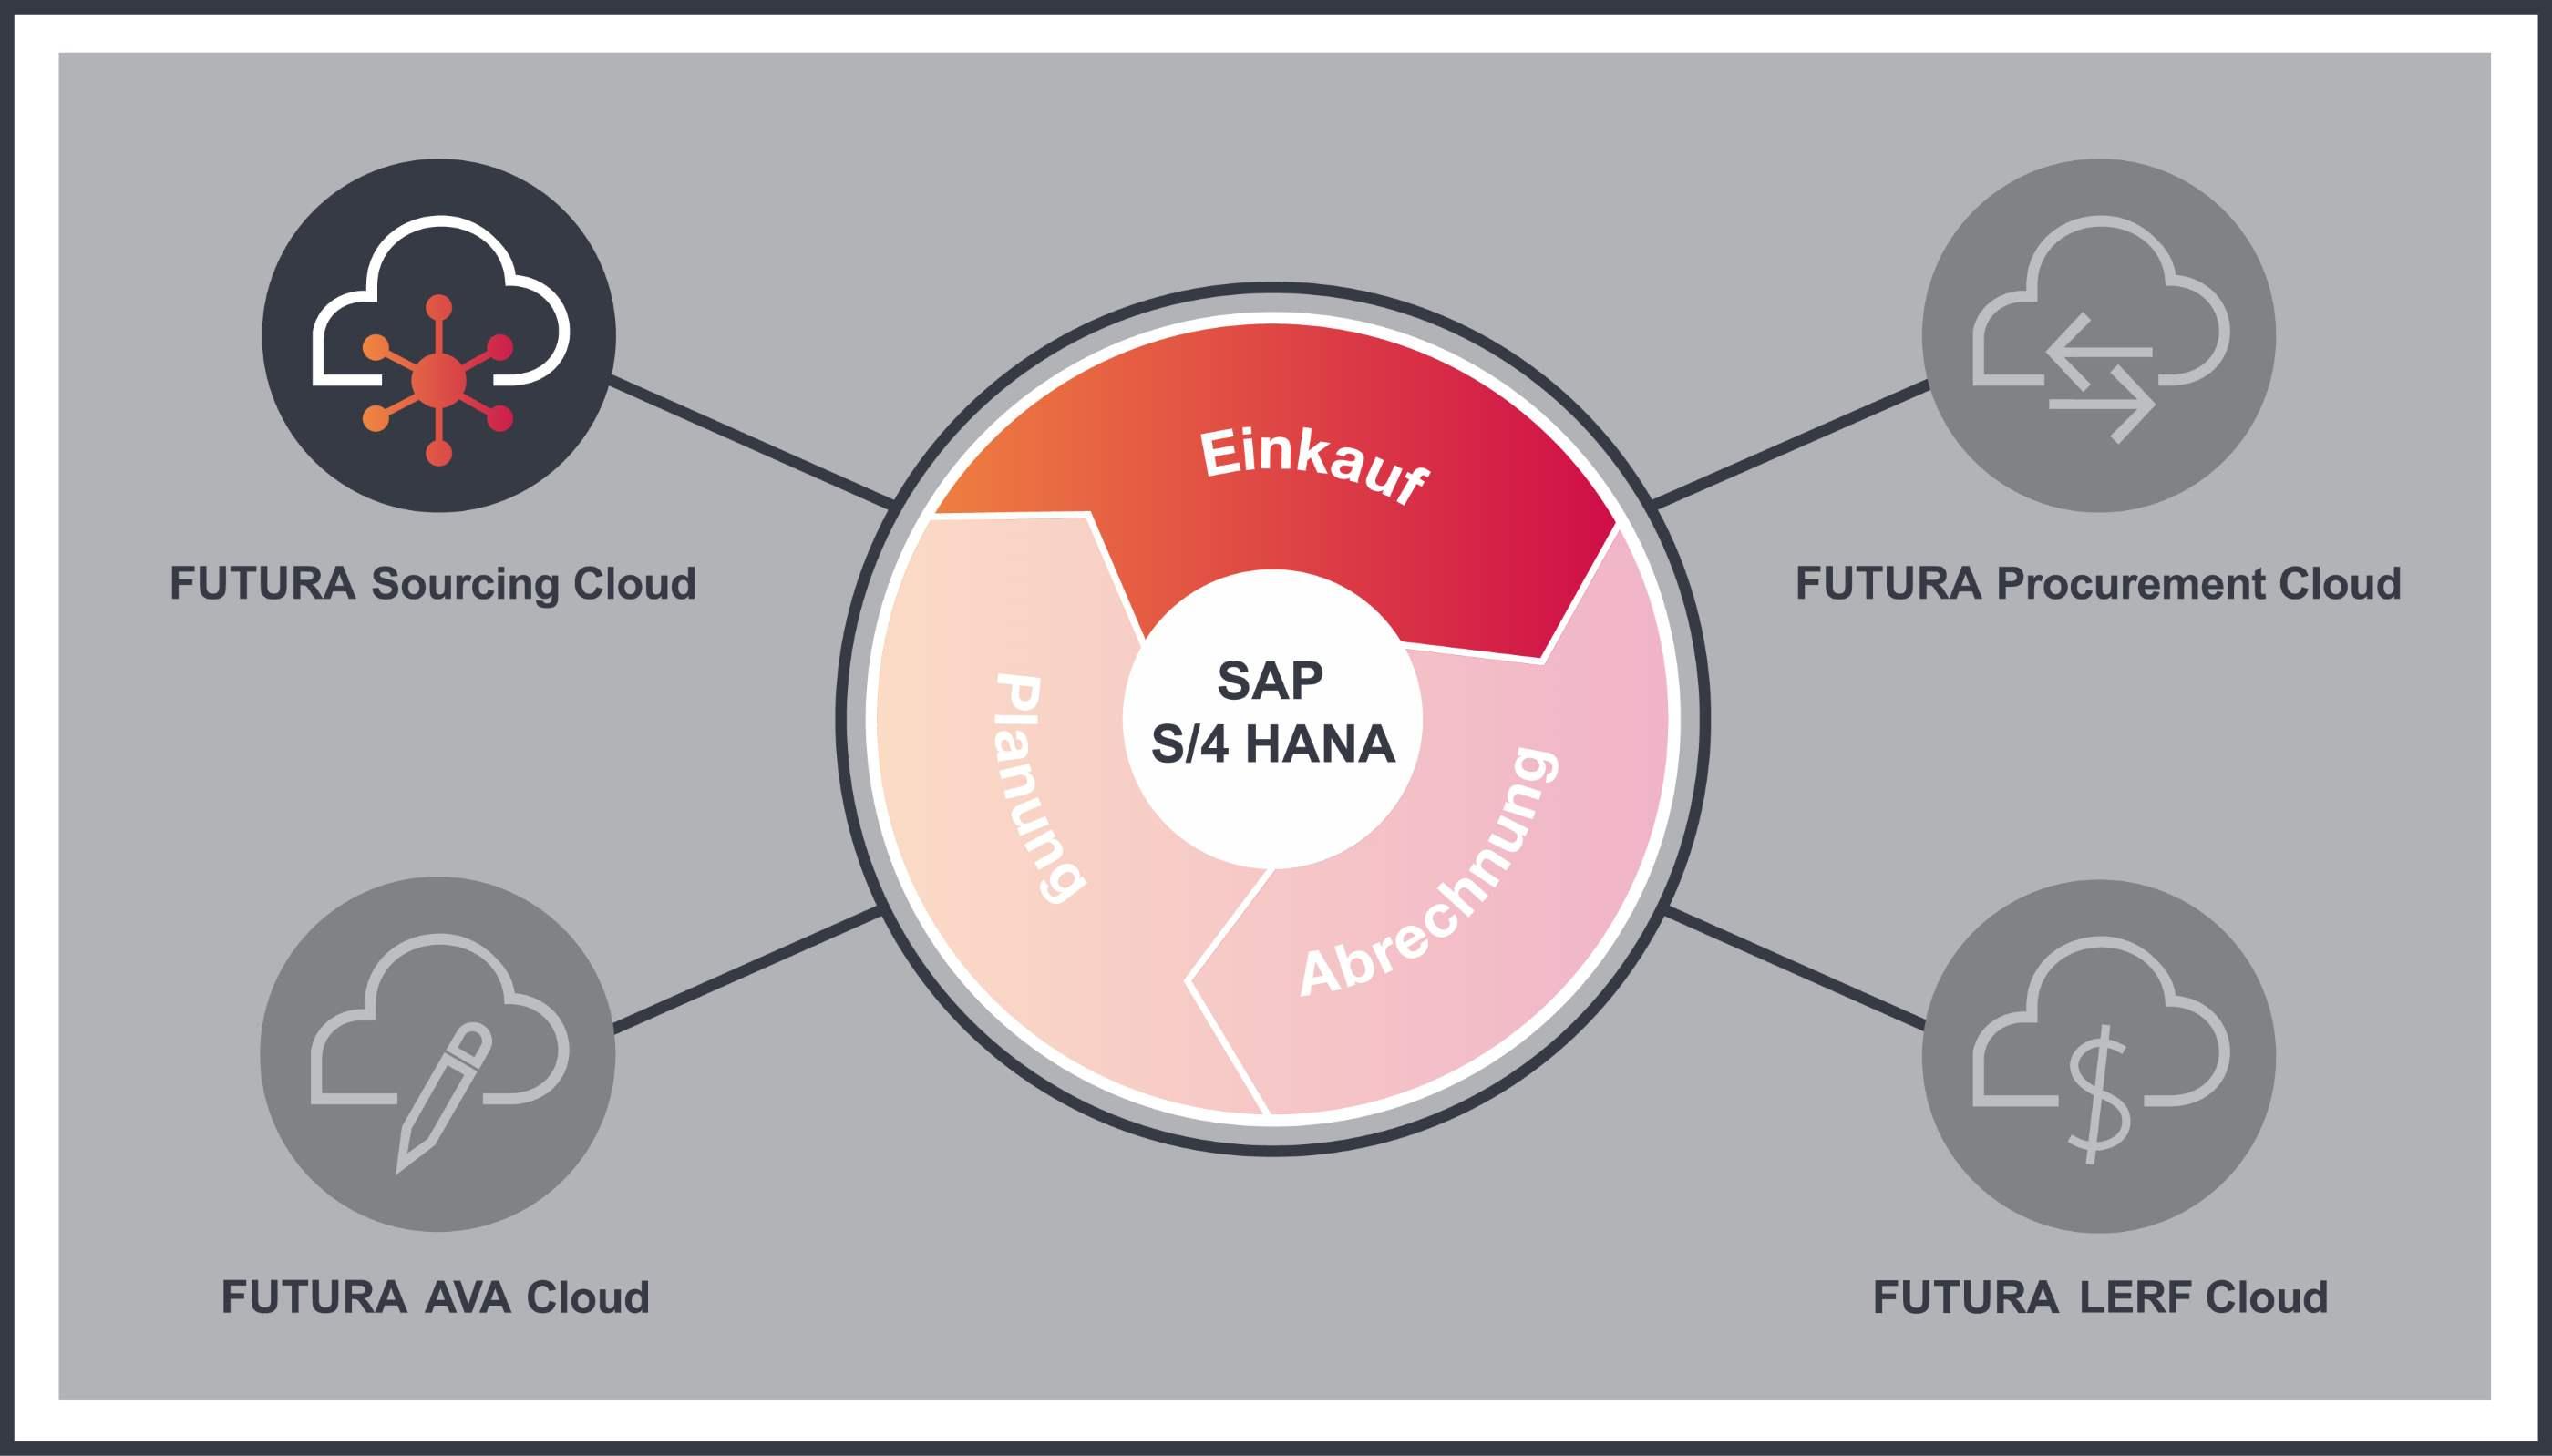 Kreislaufgrafik zur FUTURA SourcingCloud